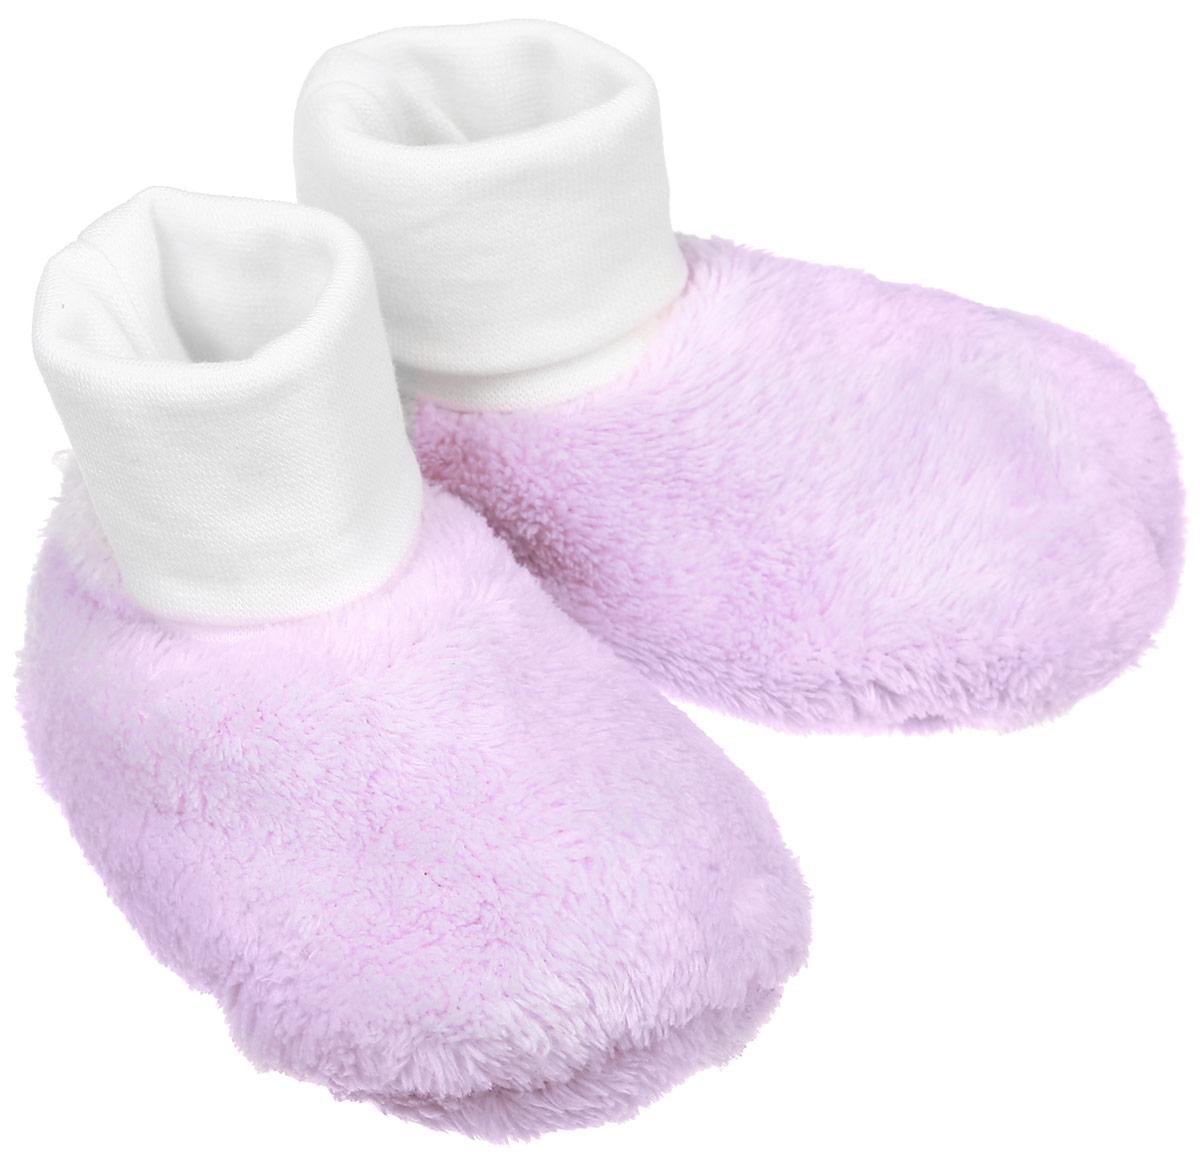 Пинетки детские Reima Levana, цвет: сиреневый. 517118-5000. Размер 0517118-5000Теплые пинетки Reima Levana идеально подойдут для маленьких ножек вашего малыша. Изделие изготовлено из высококачественного полиэстера, отлично удерживает тепло и пропускает воздух, обеспечивая комфорт.Крошечным ножкам очень понравятся эти меховые пинетки! Мягкая хлопчатобумажная подкладка с эластаном очень приятна для тела, а длинная подворачивающаяся резинка удержит пинетки на ножке и гарантирует оптимальную посадку. Эти пинетки очень легко надеваются!Такие пинетки - отличное решение для малышей и их родителей!